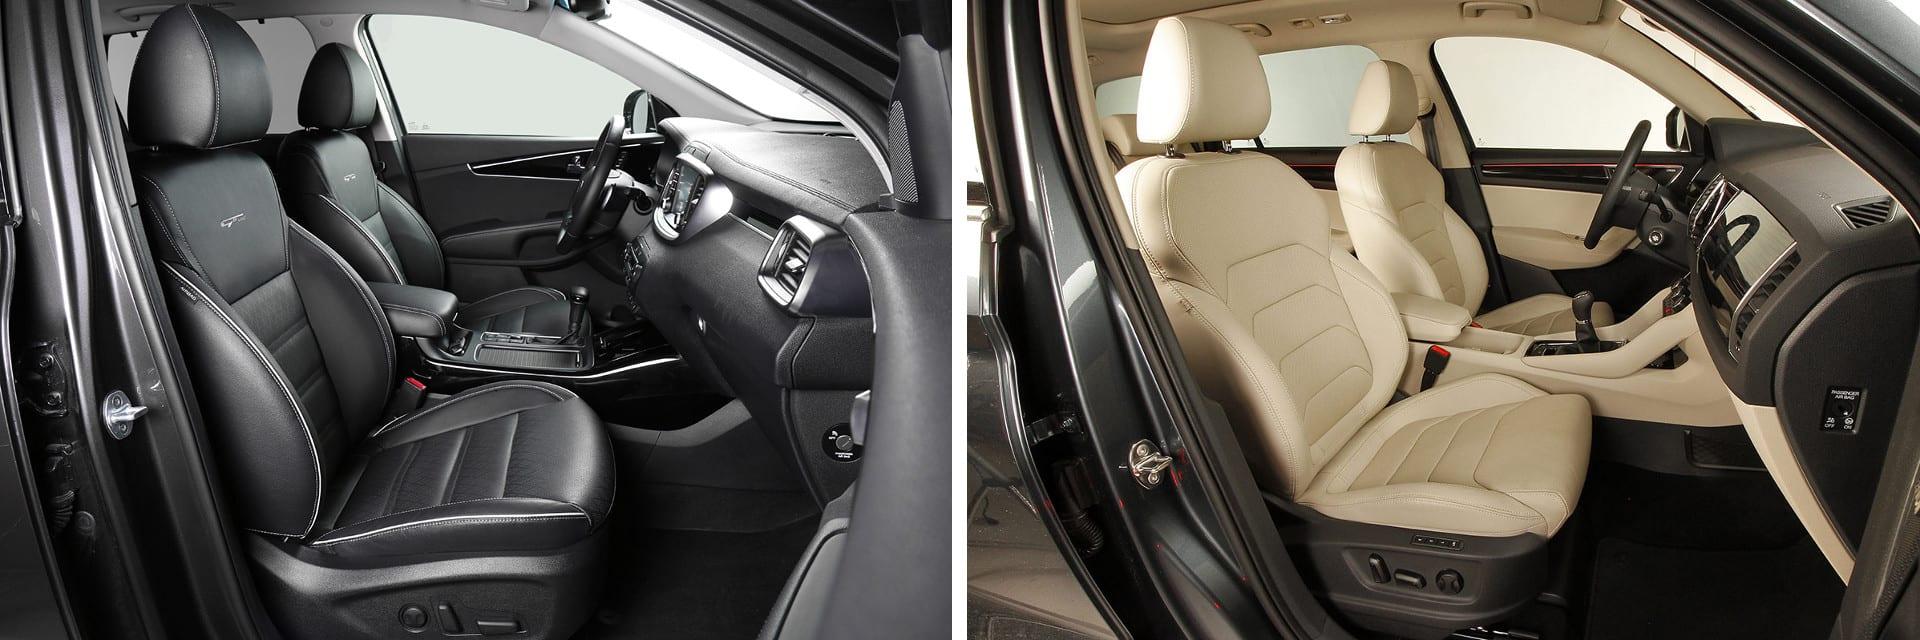 Tanto los asientos delanteros del Sorento (izq) como los del Kodiaq (dcha) pueden contar con ventilación y calefacción.